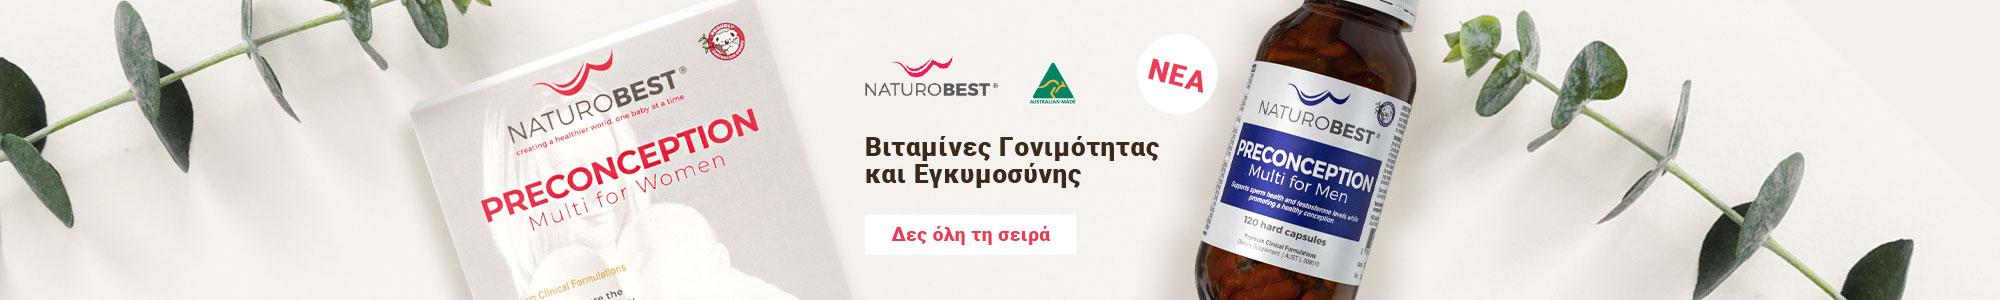 Νέα! NaturoBest Βιταμίνες Γονιμότητας και Eγκυμοσύνης Δες όλη τη σειρά